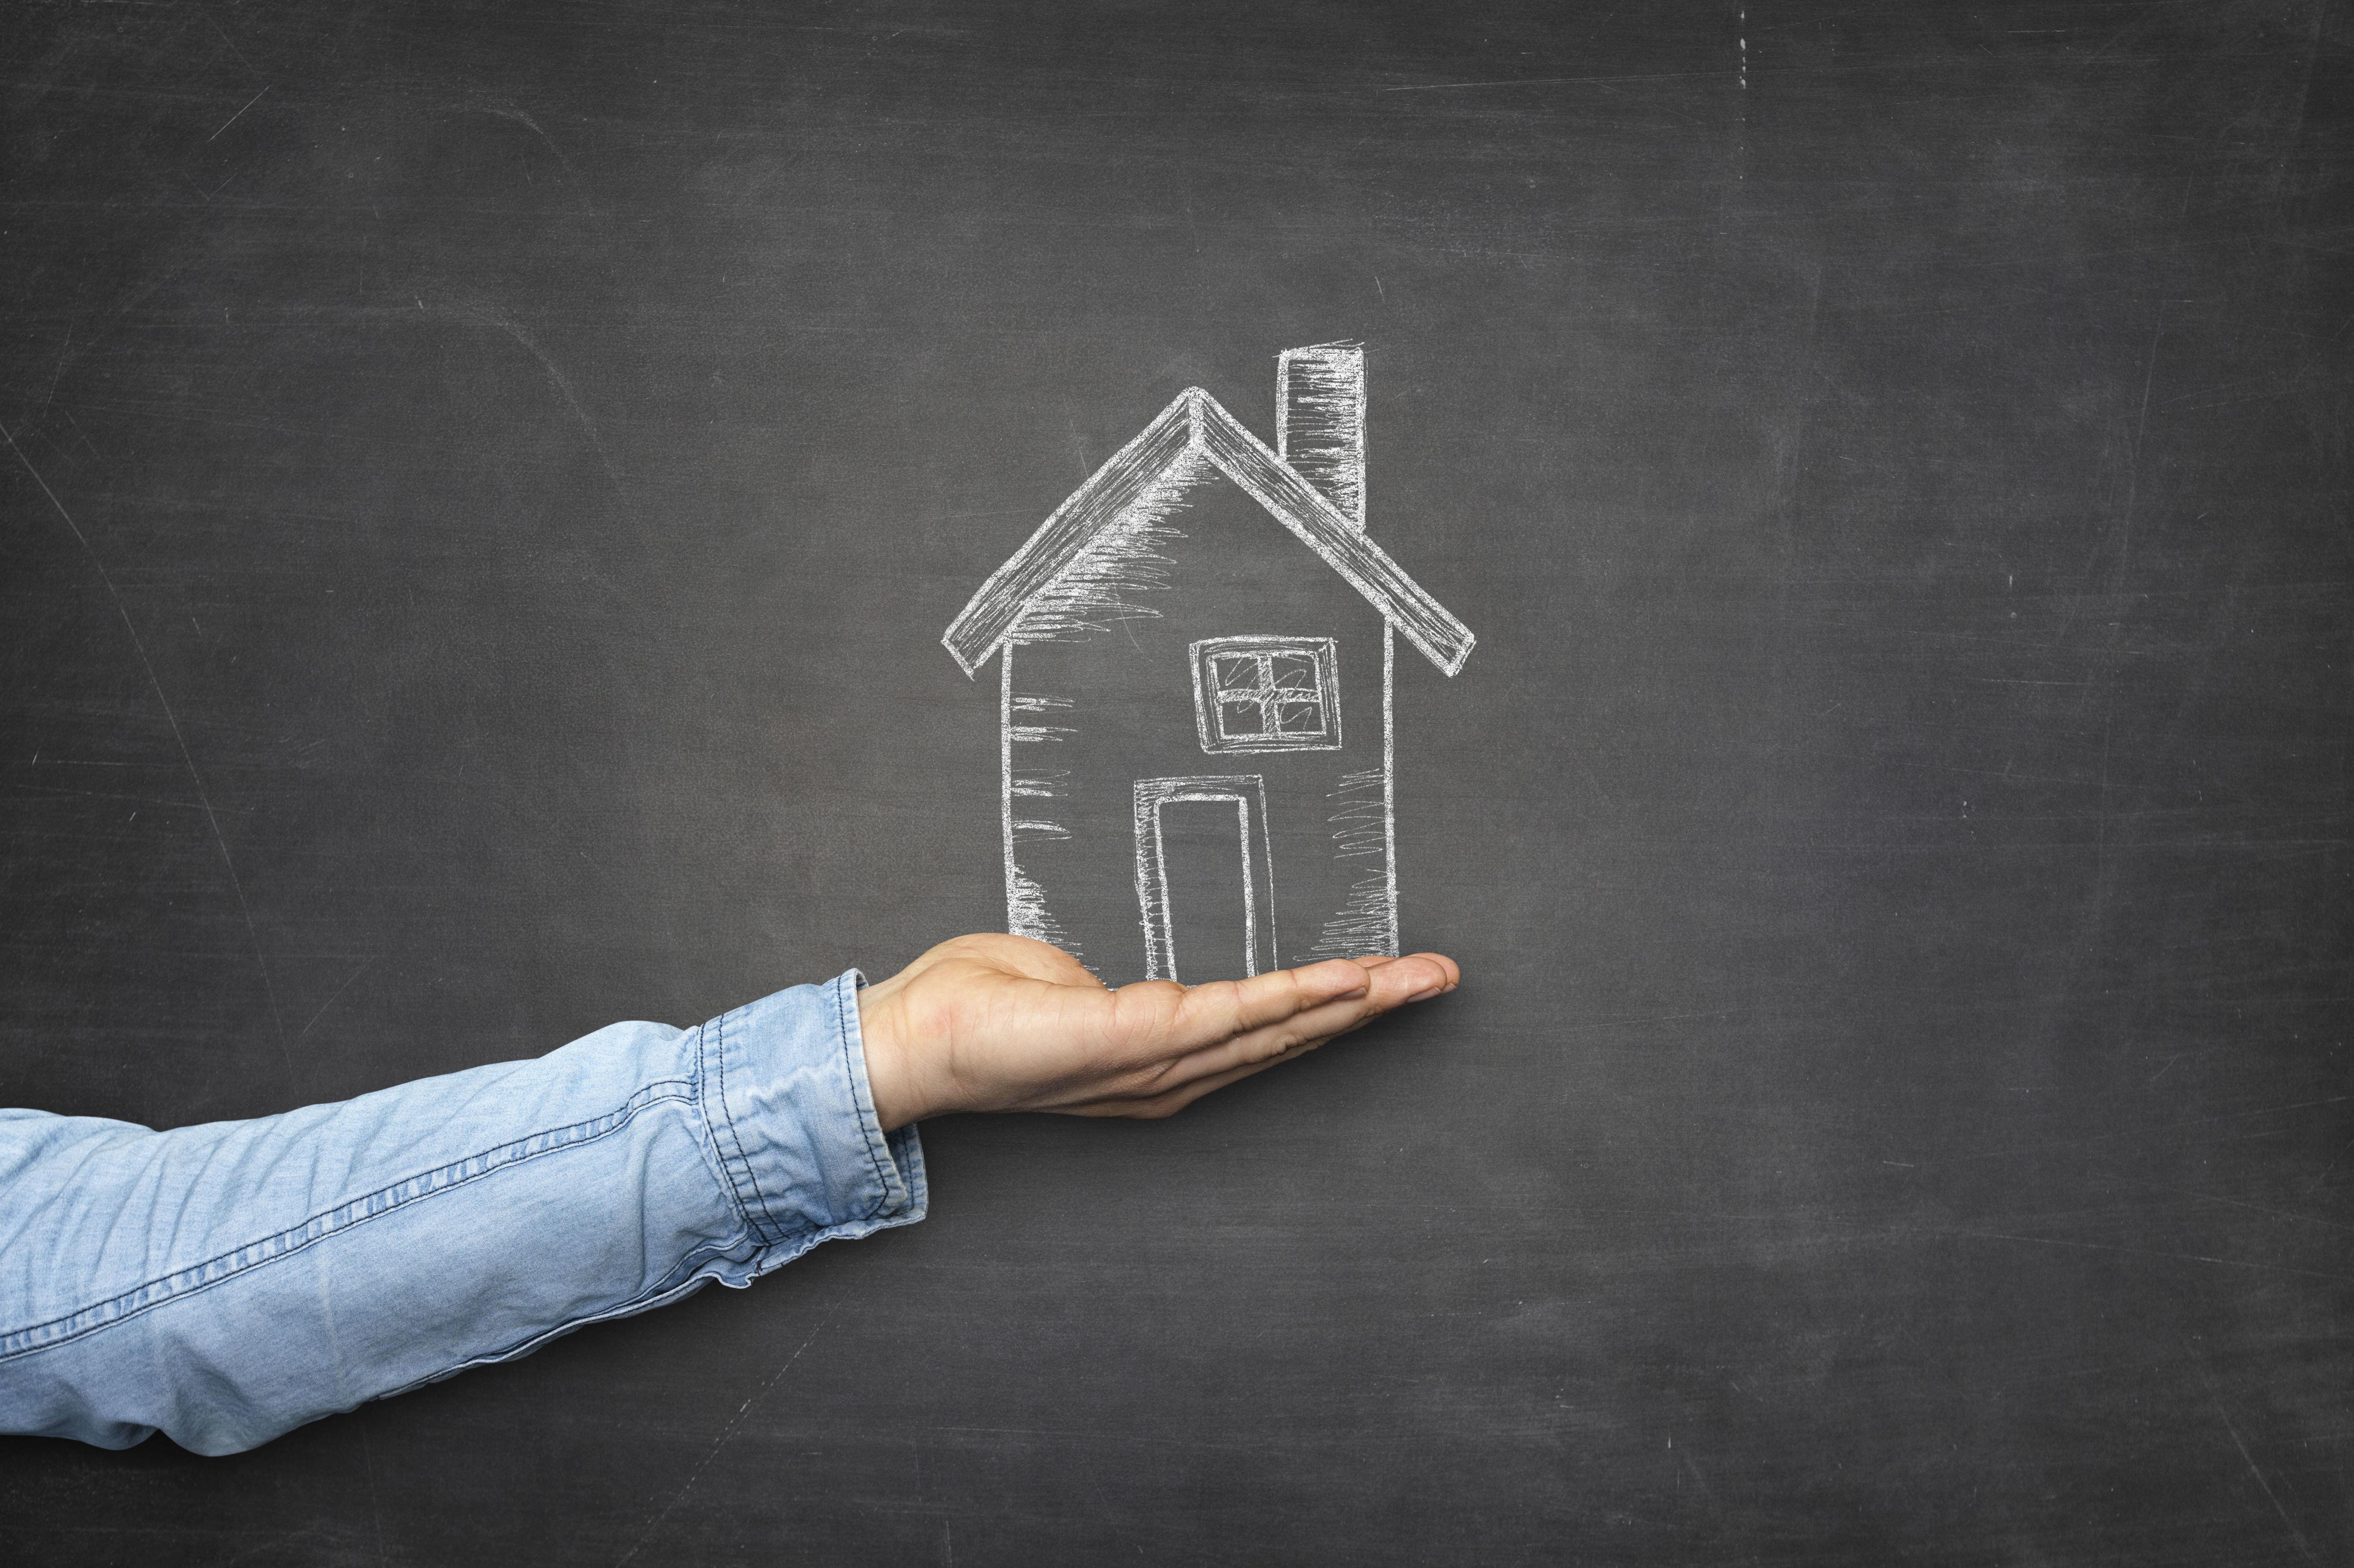 Archivo ejecución hipotecaria por falta legitimación